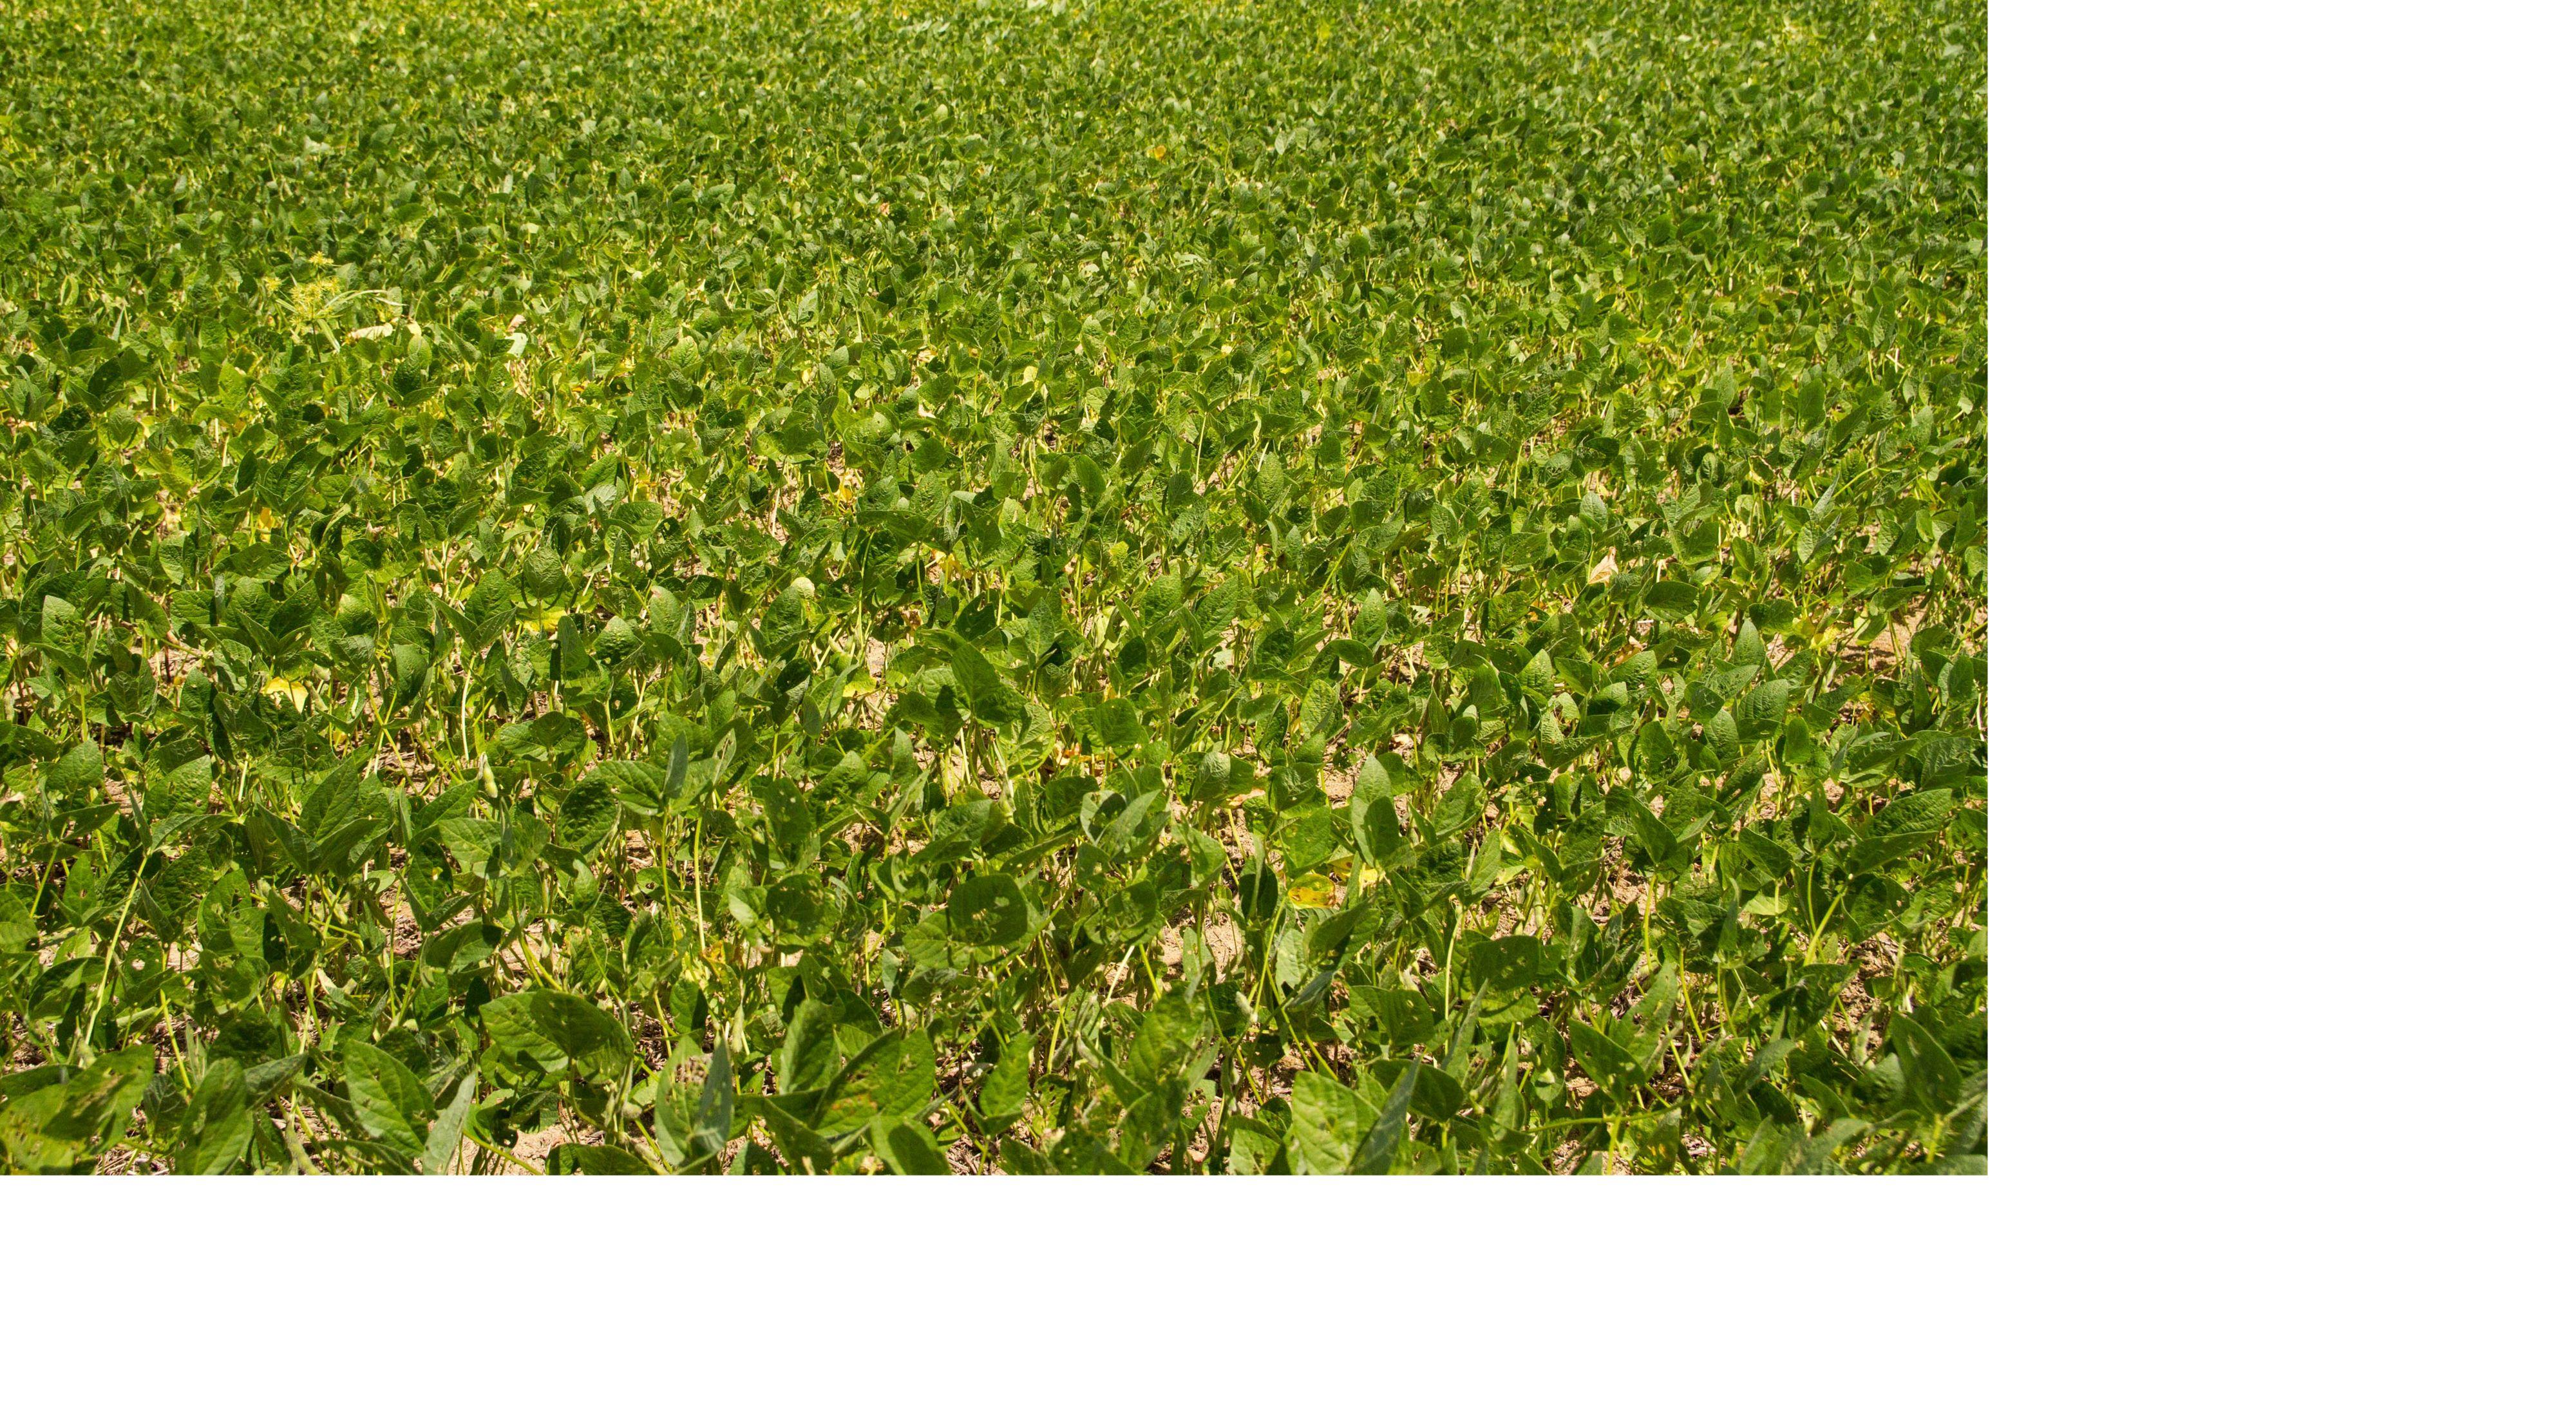 Plantação de Soja em Santarém - PA